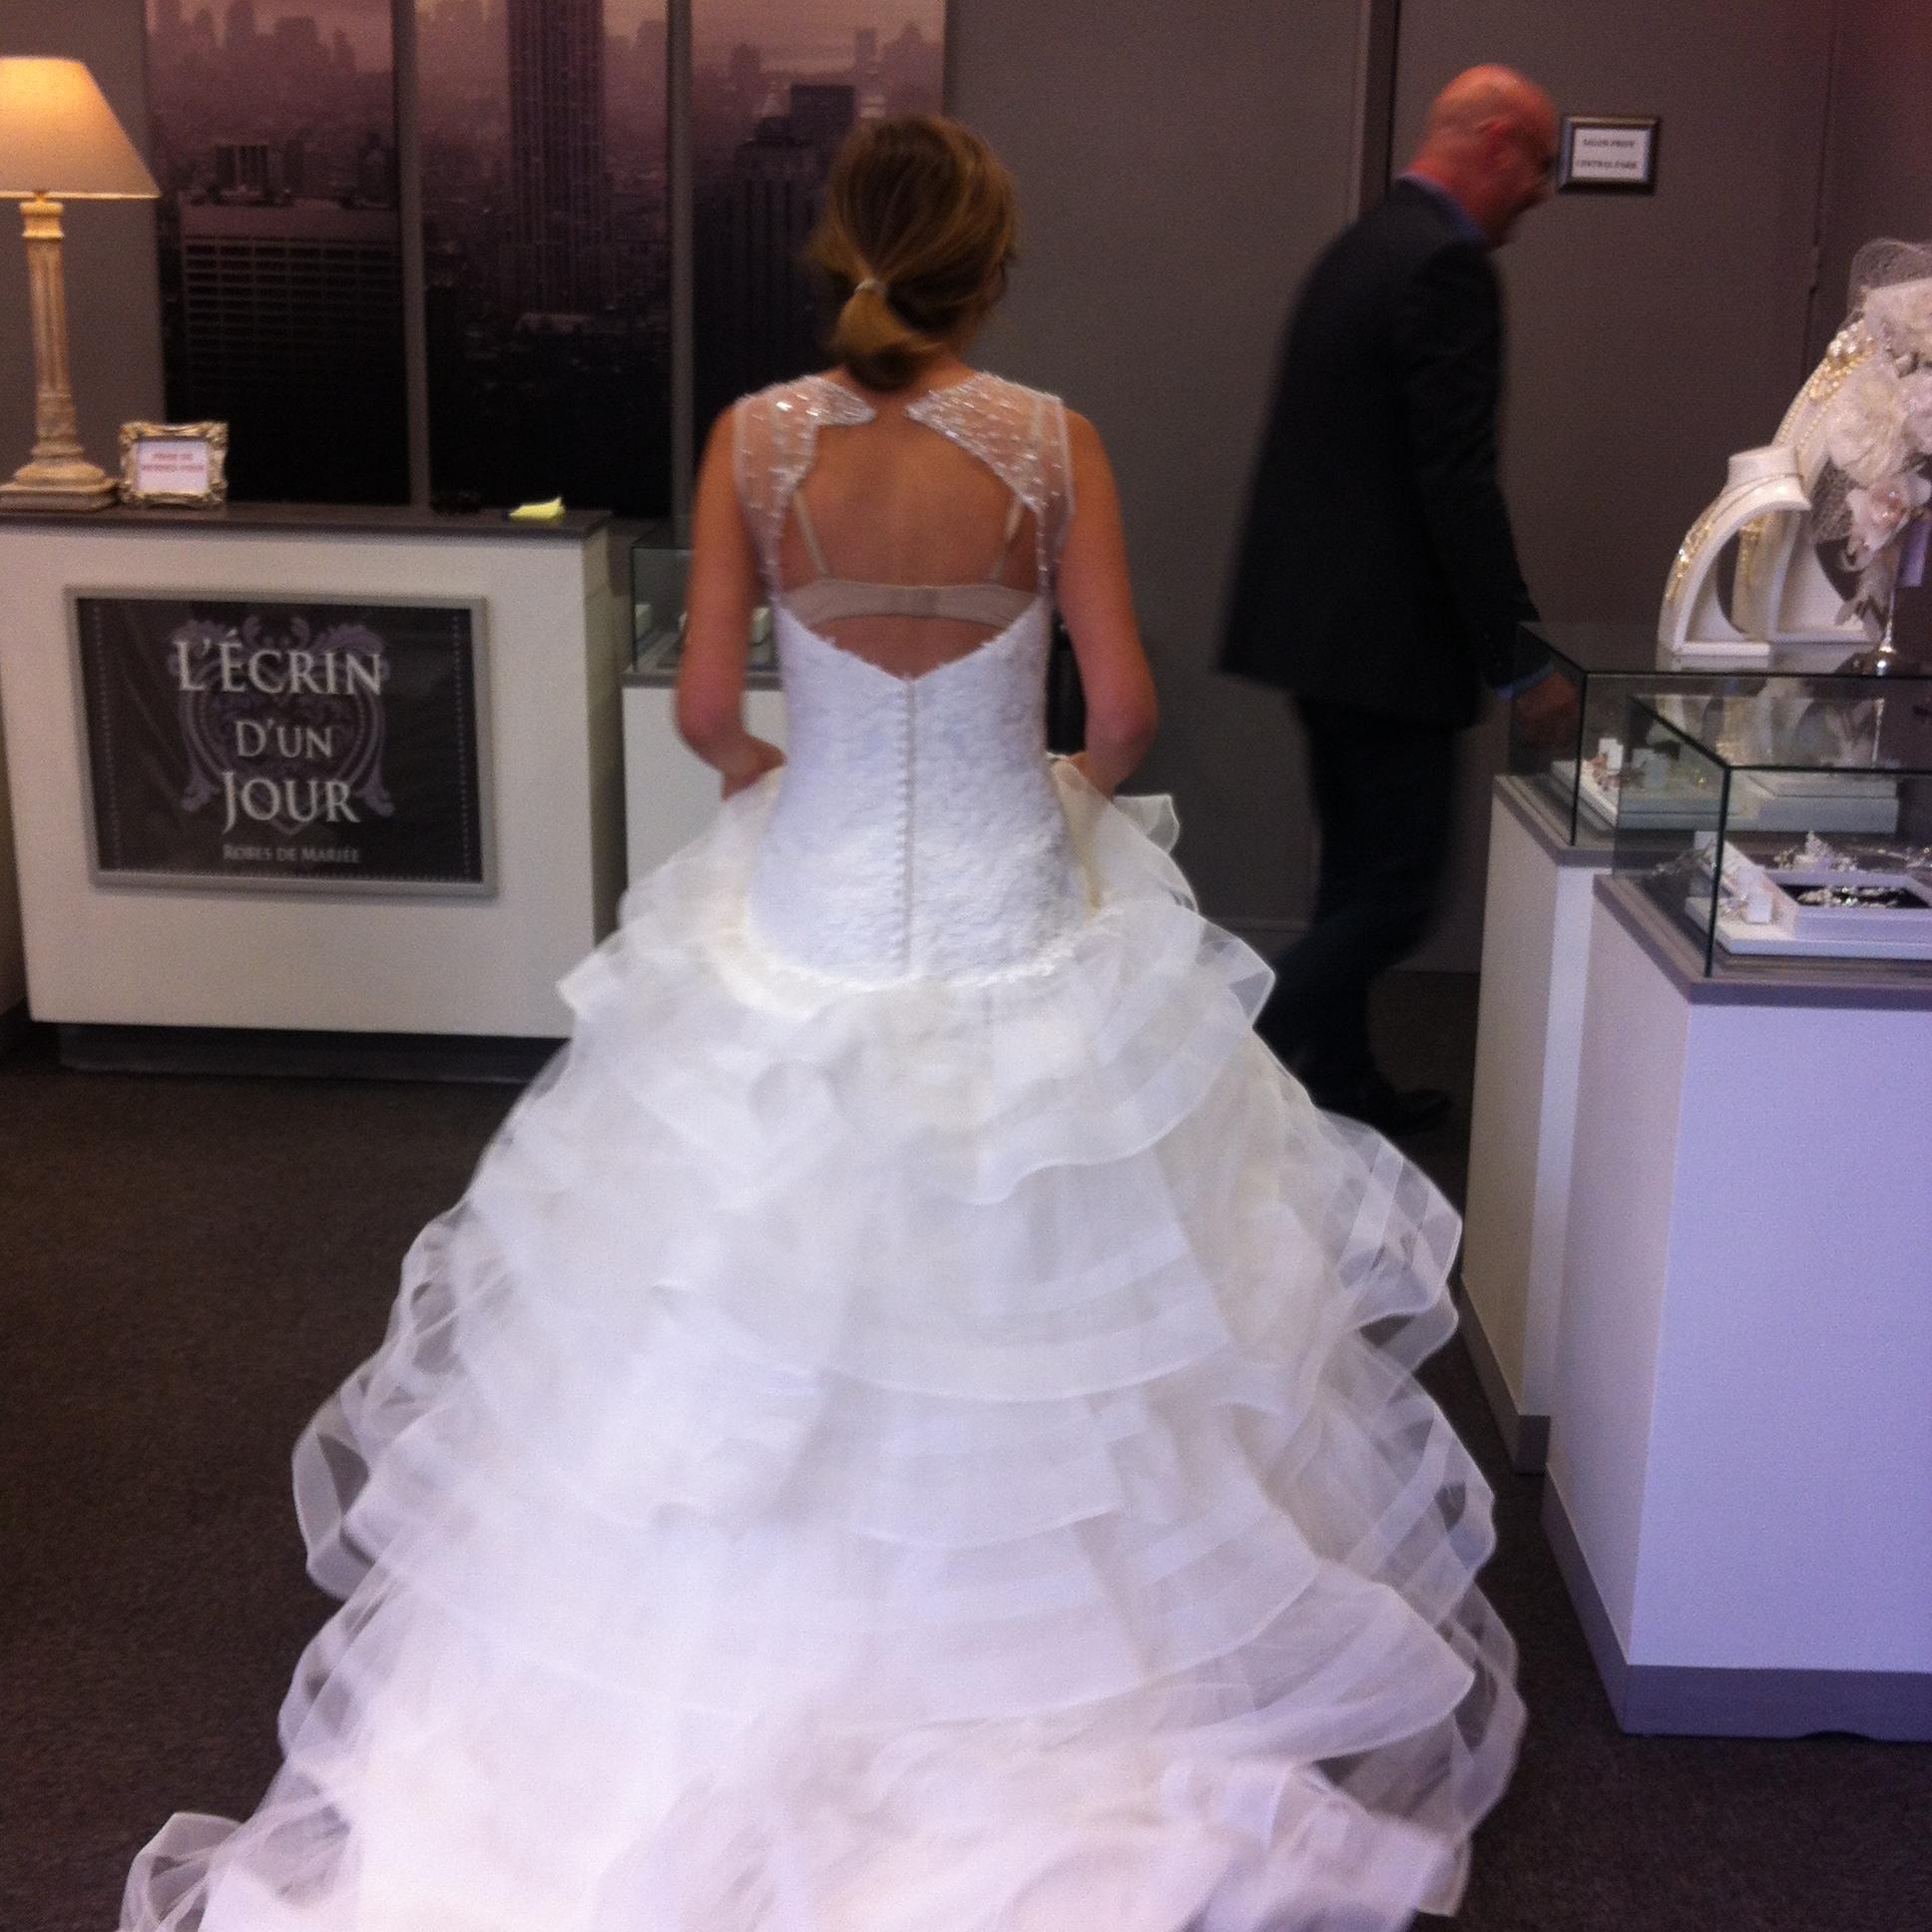 La recherche de ma robe de mariée, une tâche compliquée – Partie 1